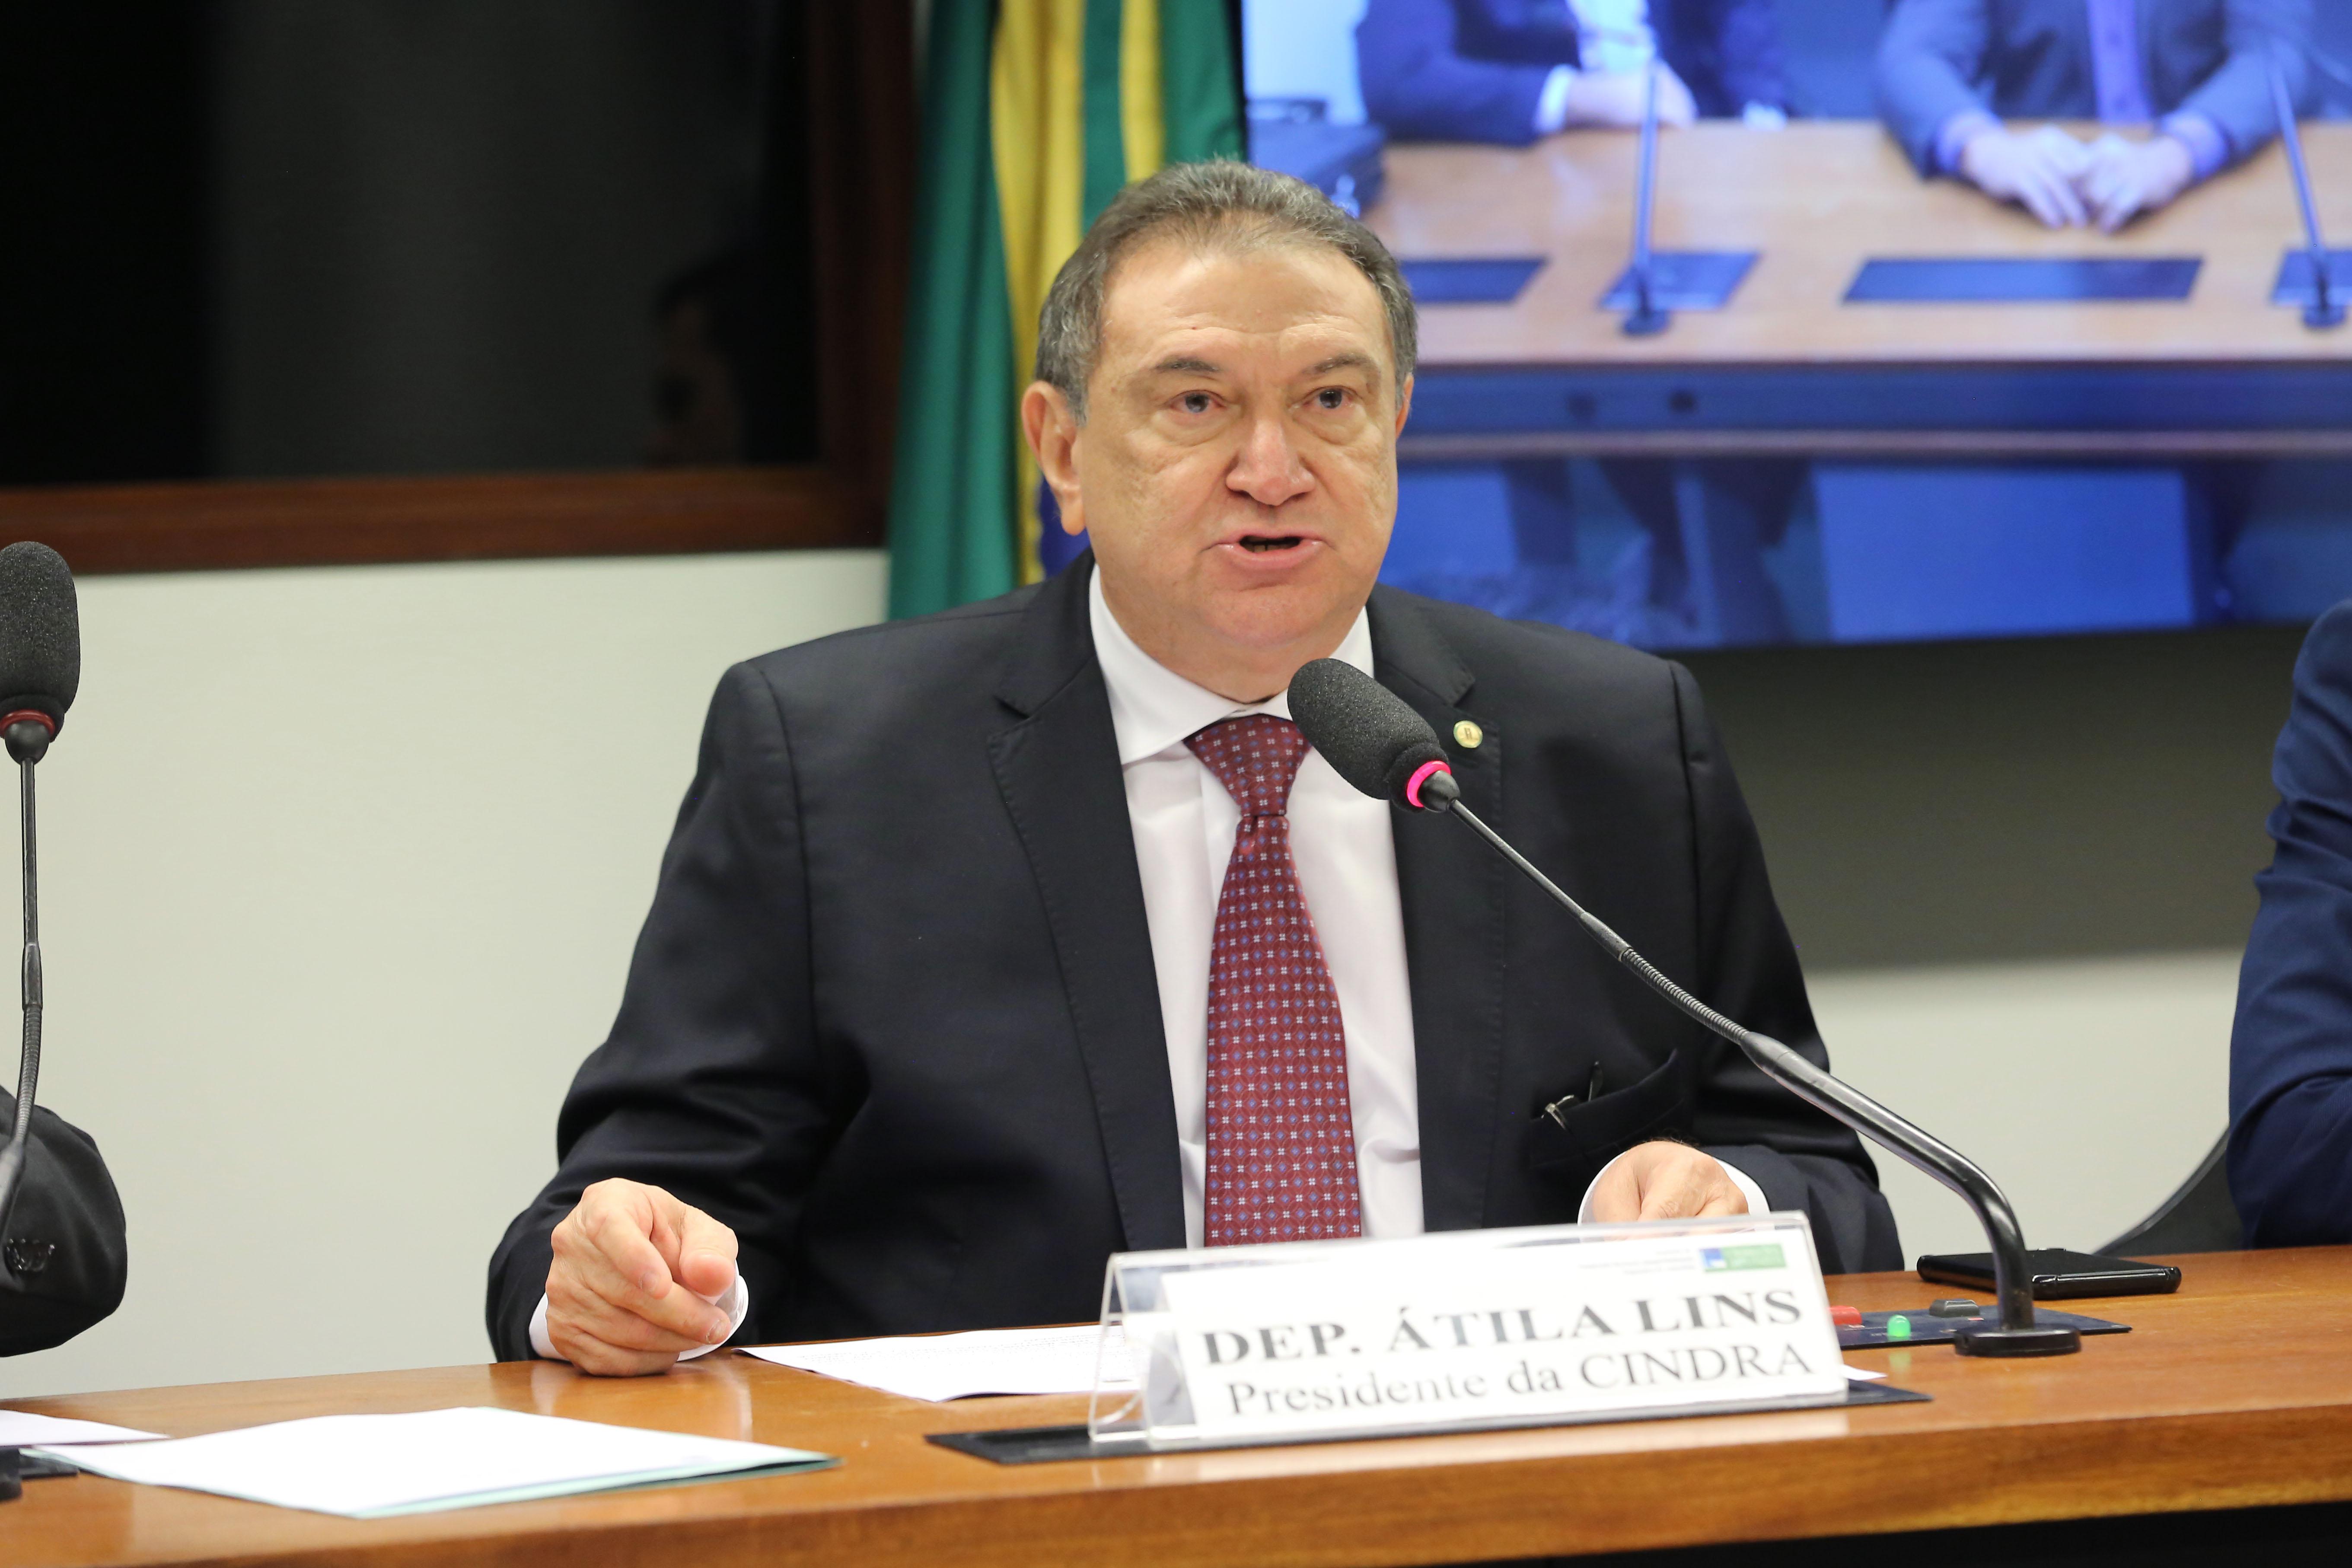 Comissão de Integração Nacional, Desenvolvimento Regional e da Amazônia (CINDRA)